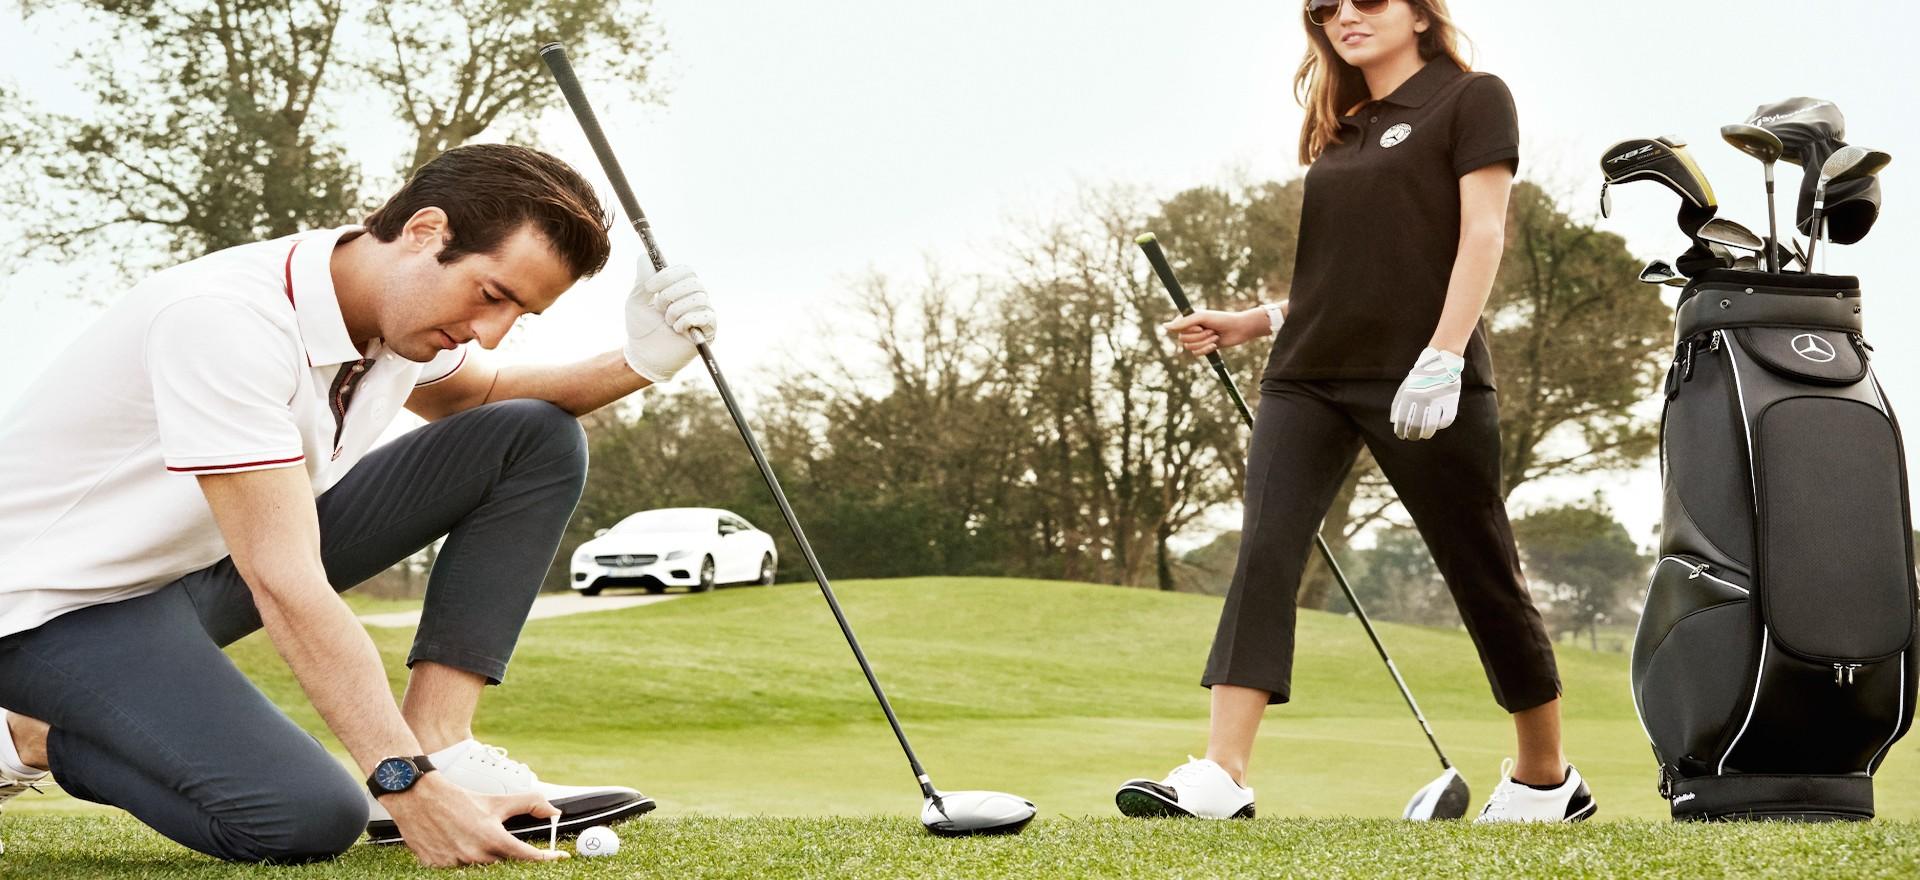 Accessori e abbigliamento della collezione Golf